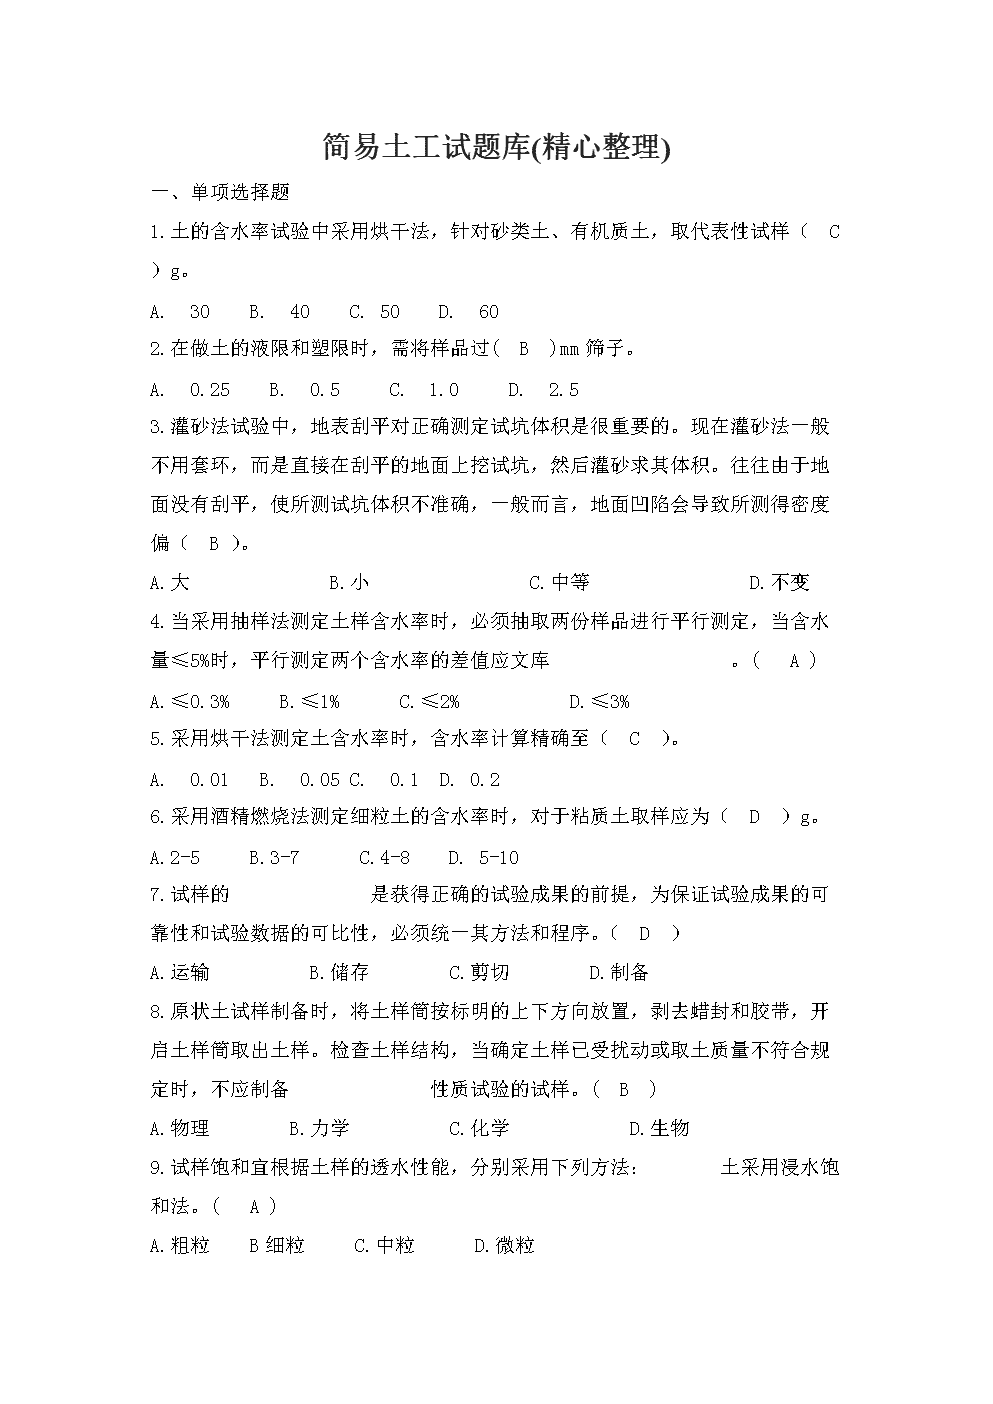 简易土工试题库(精心整理).docx